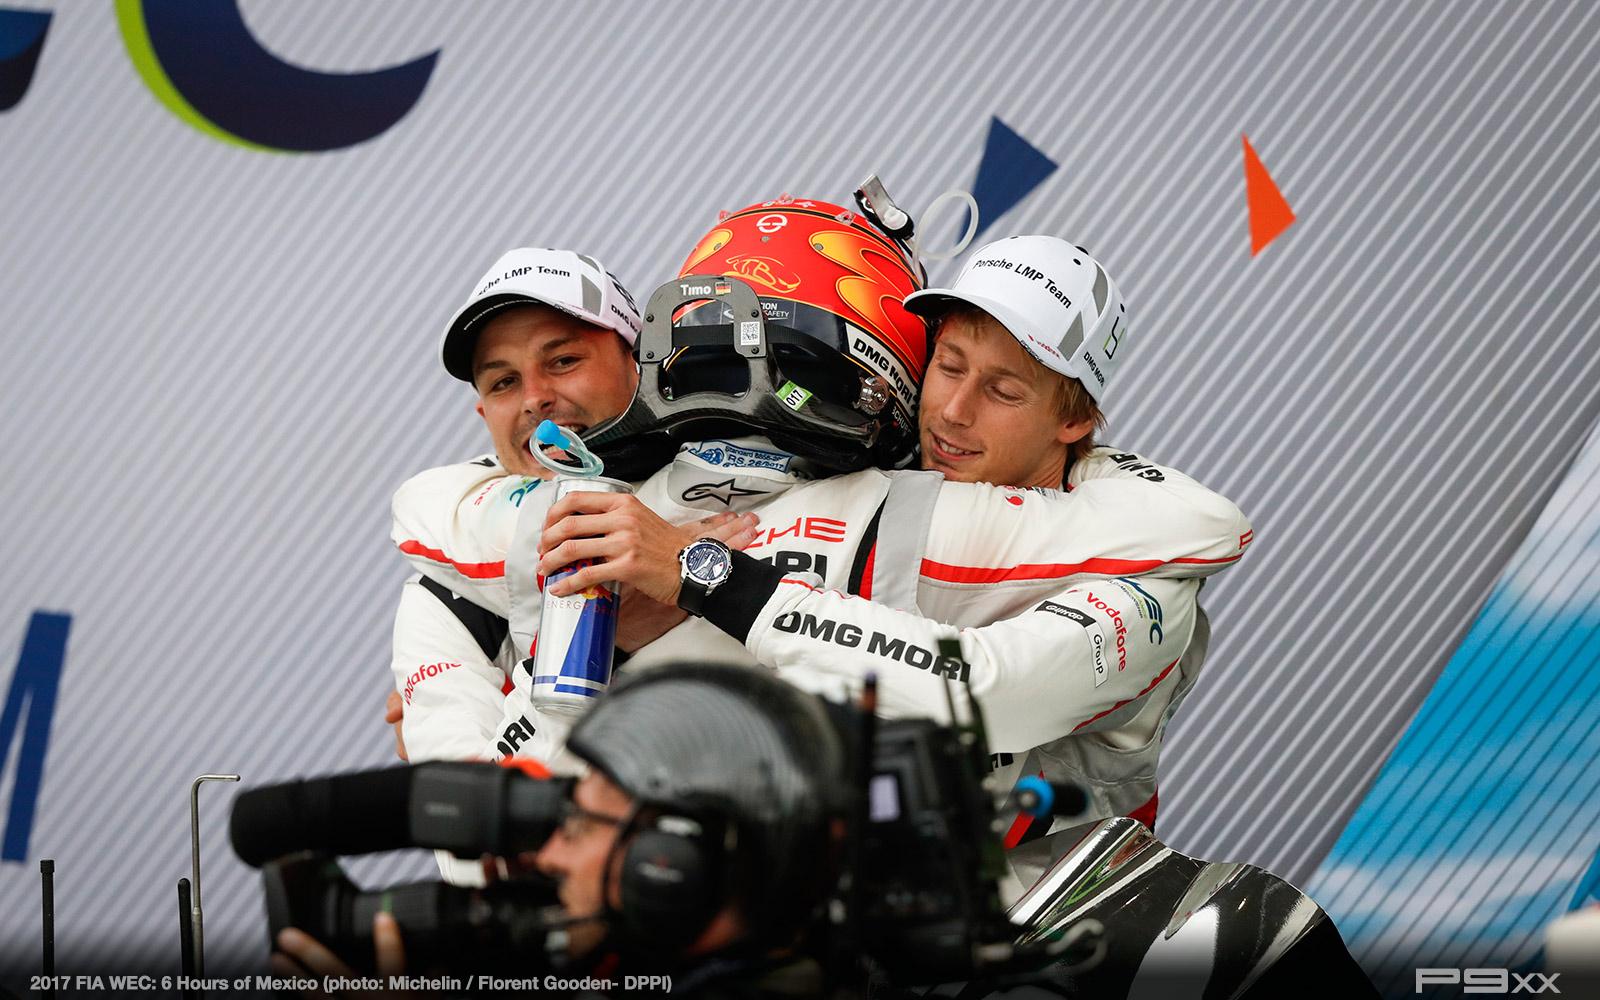 2017-FIA-WEC-6-HOURS-MEXICO-PORSCHE-exico_02117008__GDN53861210